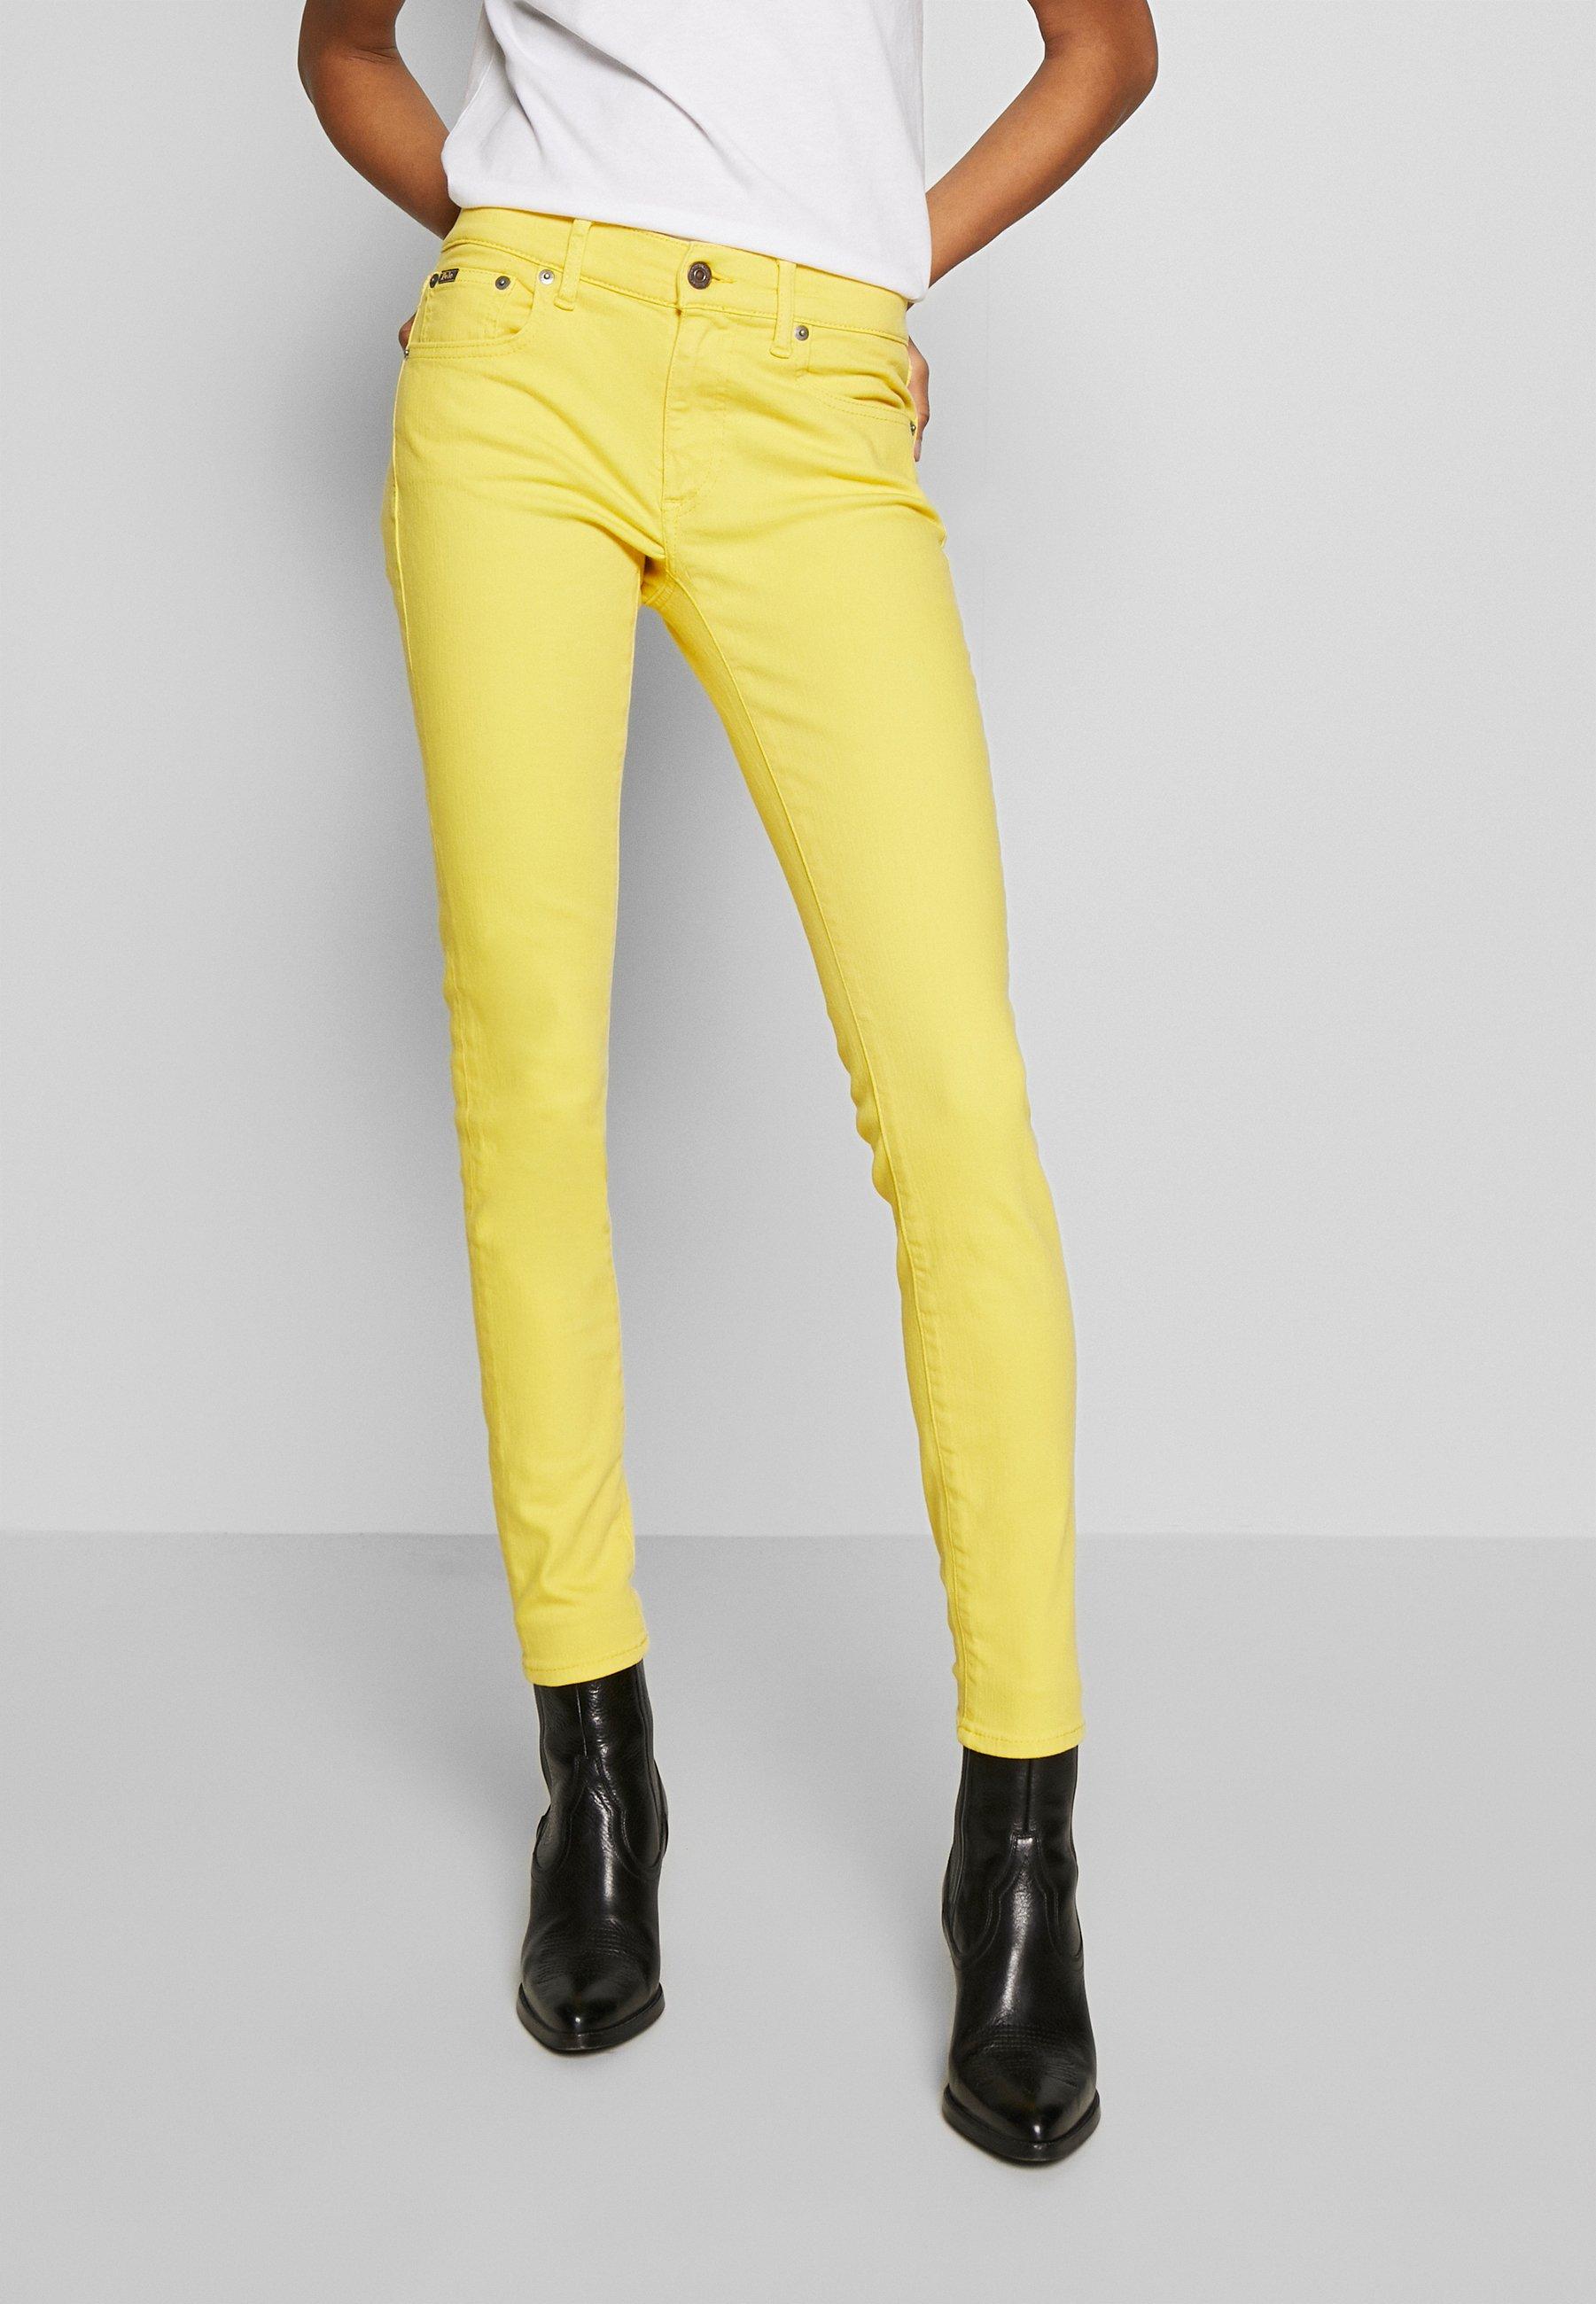 Gele Skinny fit jeans dames online kopen | ZALANDO